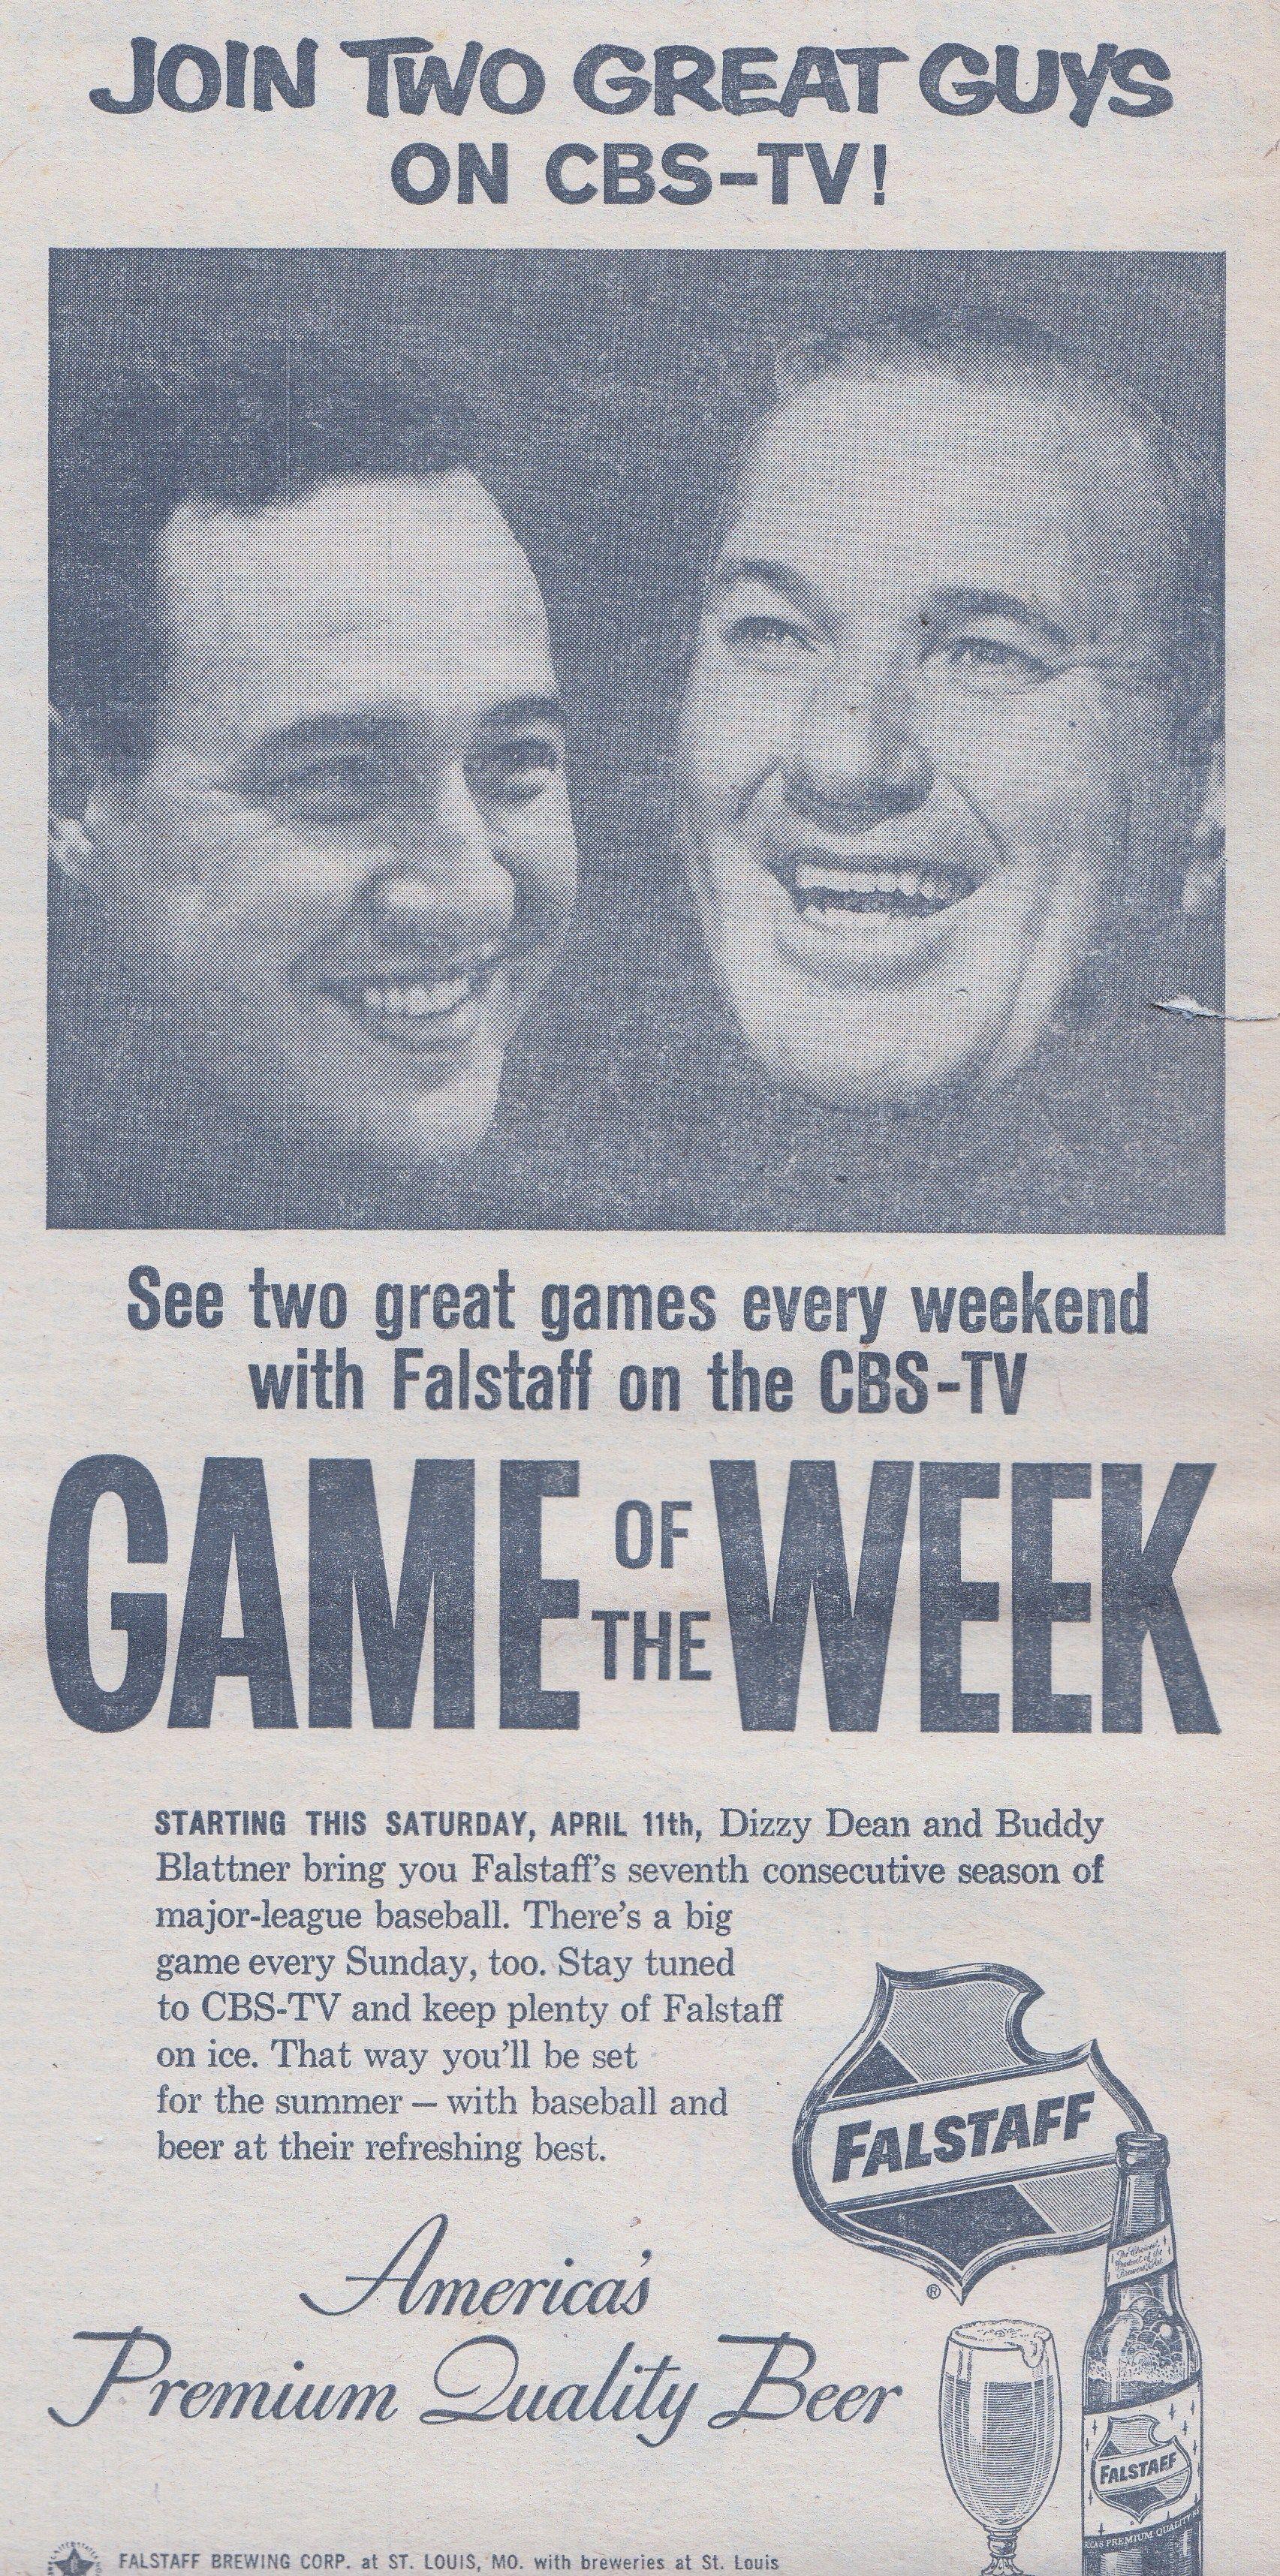 Buddy Blattner and Dizzy Dean calling MLB for Falstaff, 1959 | Dizzy dean, Dizzy, Buddy